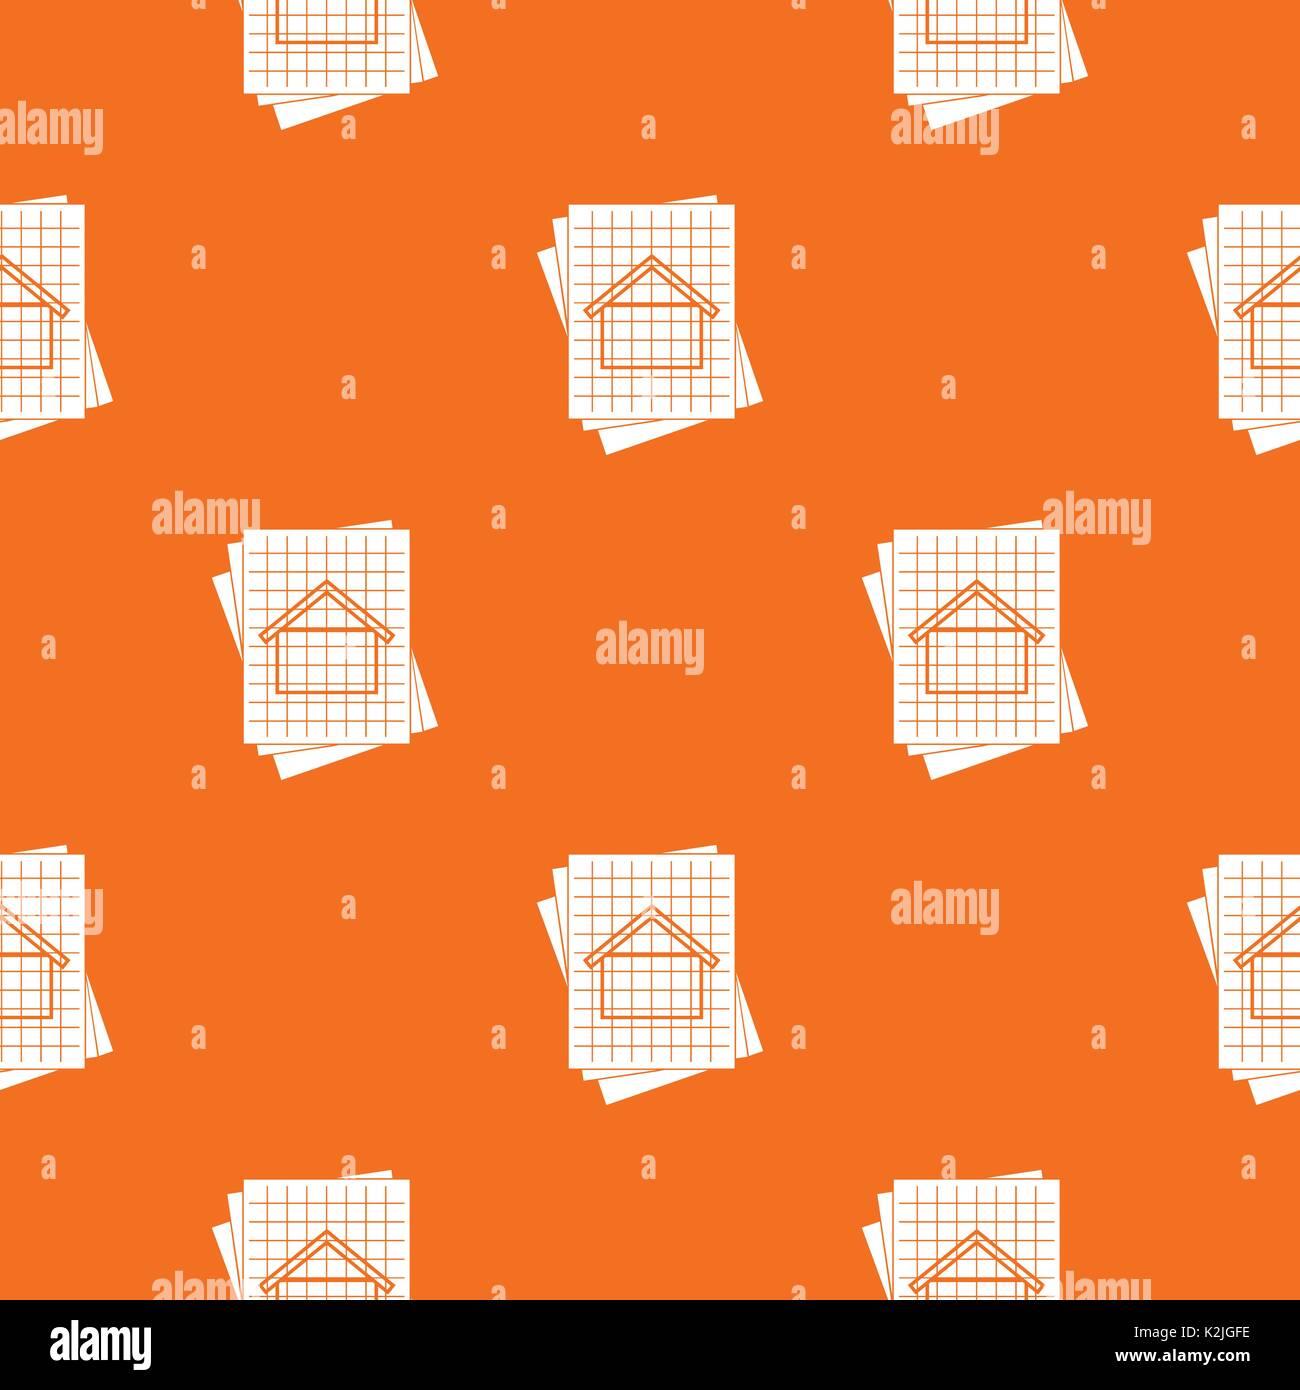 Blueprint Paper Texture Stockfotos & Blueprint Paper Texture Bilder ...